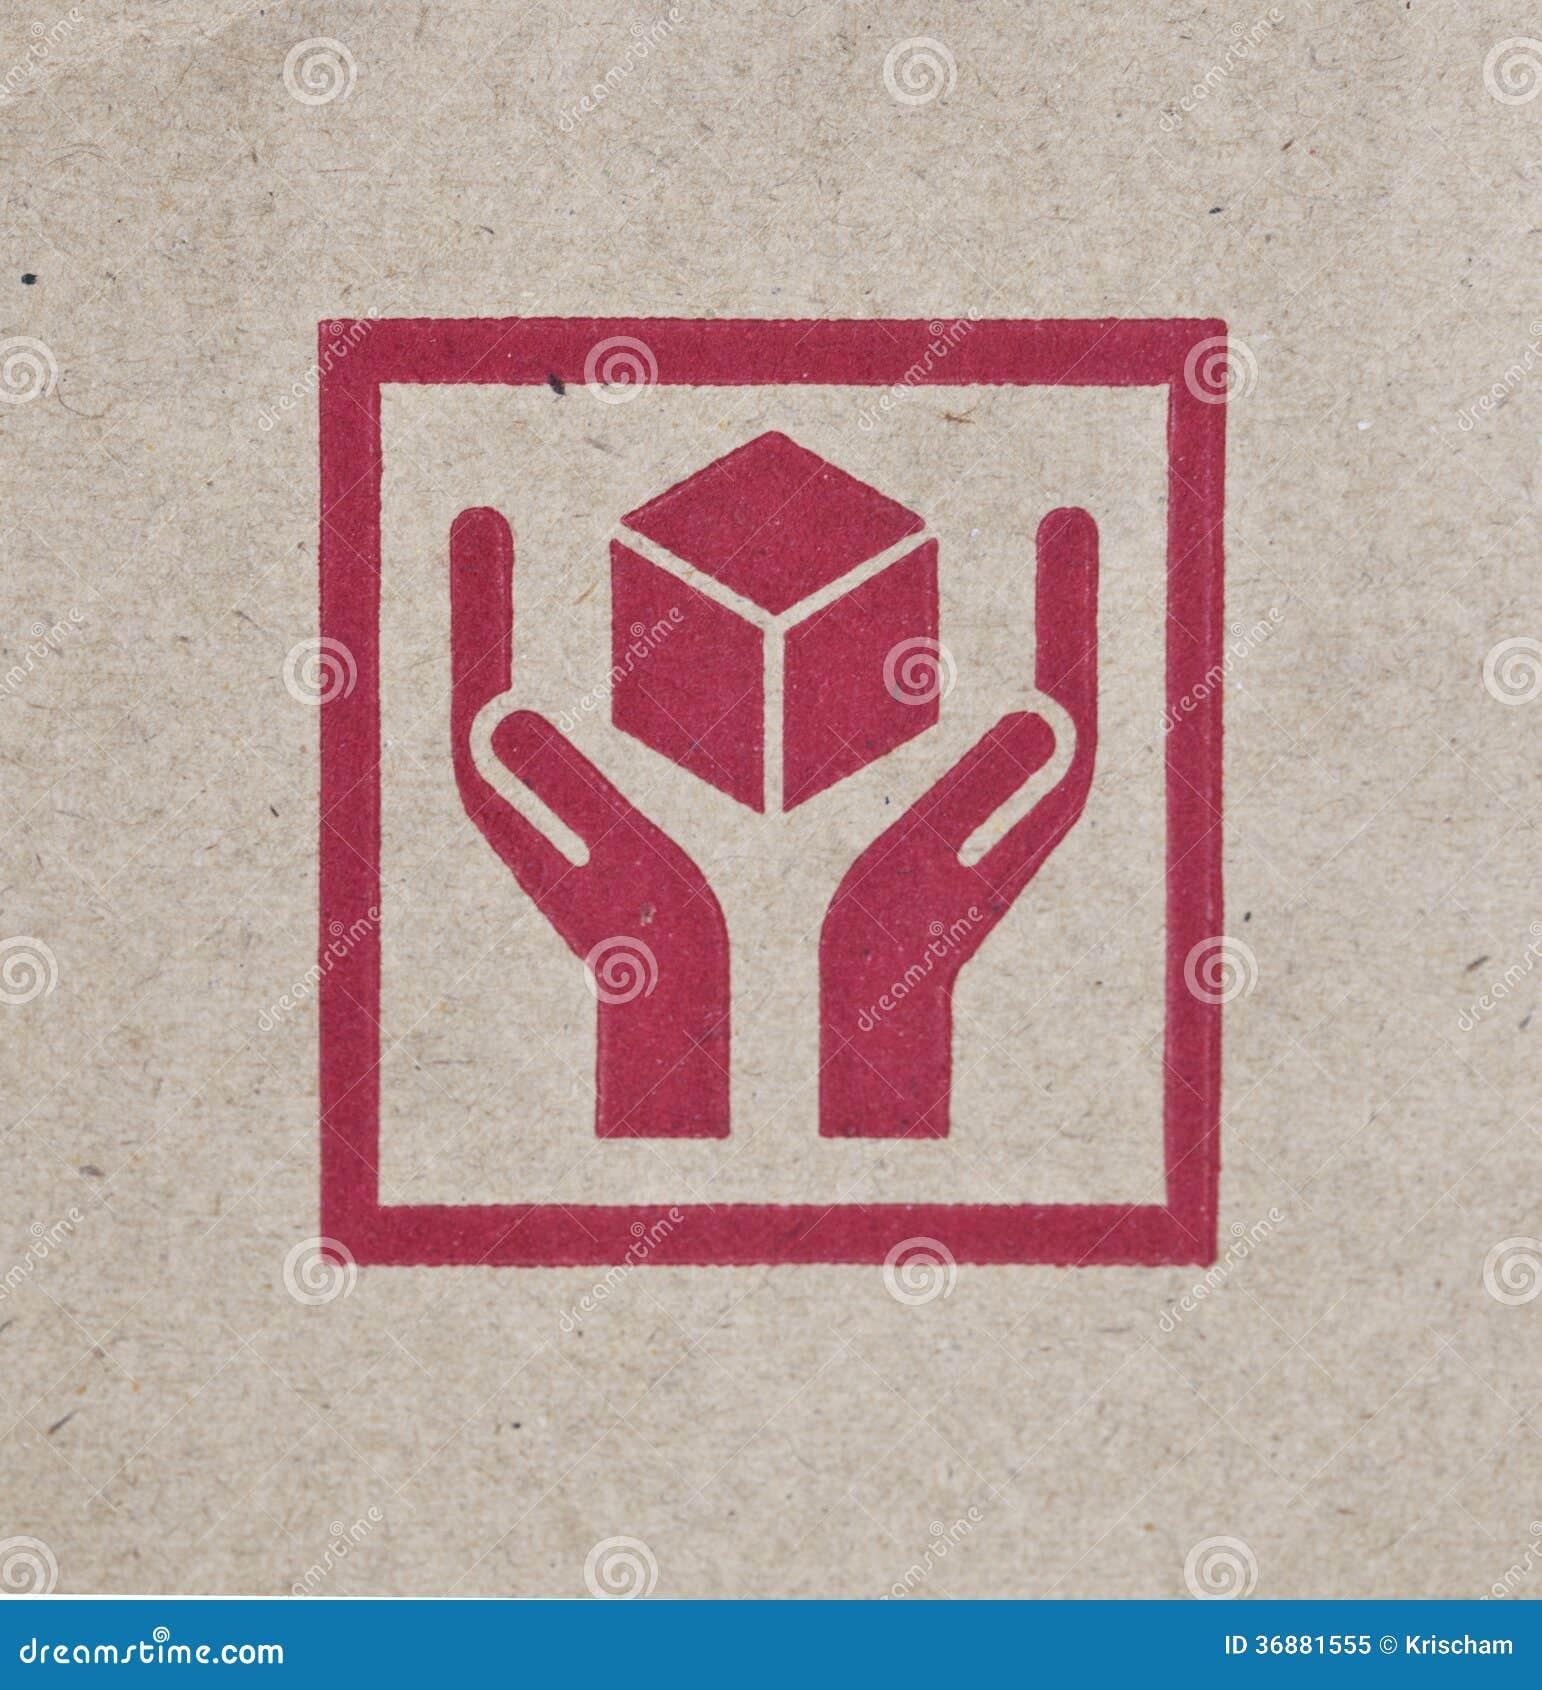 Download Fragile immagine stock. Immagine di rosso, carta, merce - 36881555